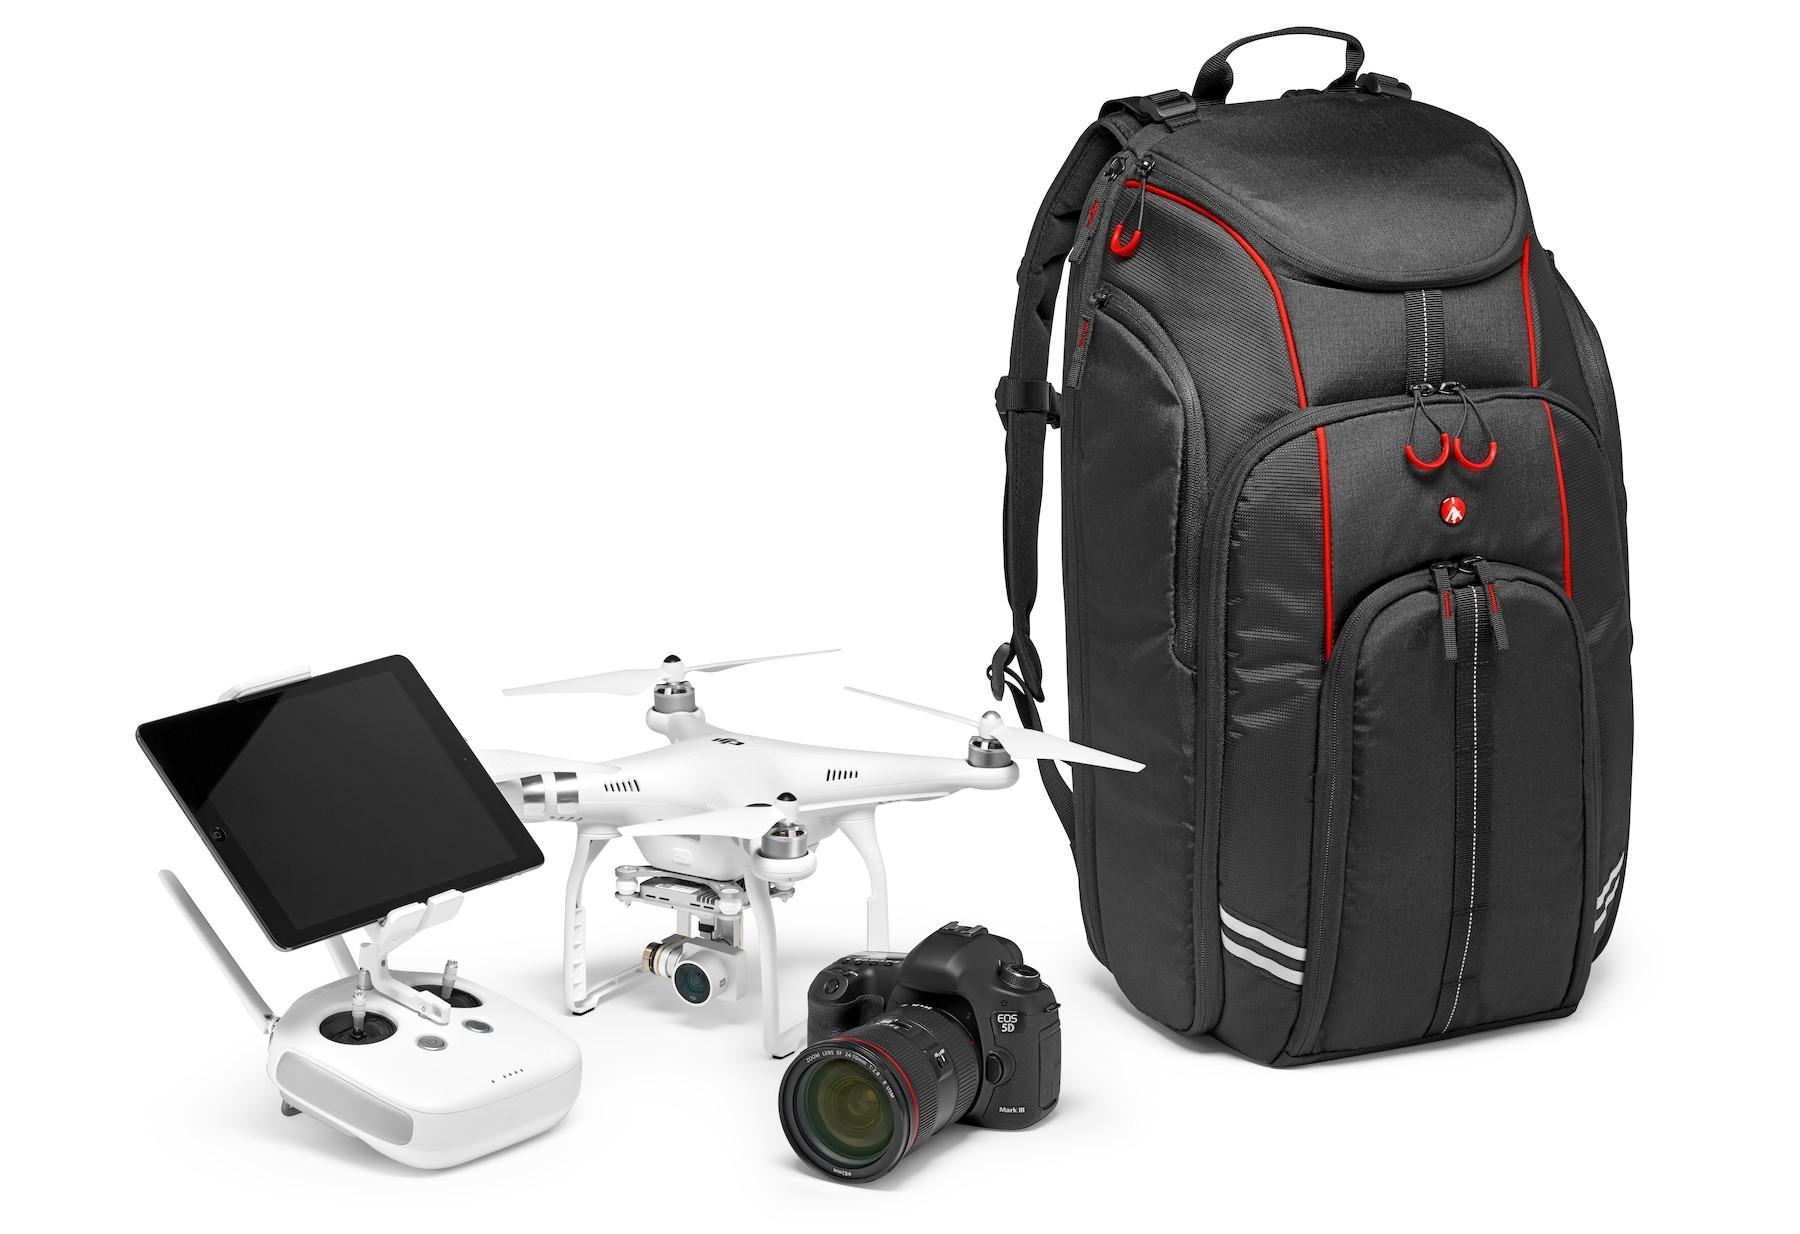 Sac a dos pour drones Phantom  Dji - Manfrotto Aviator D1